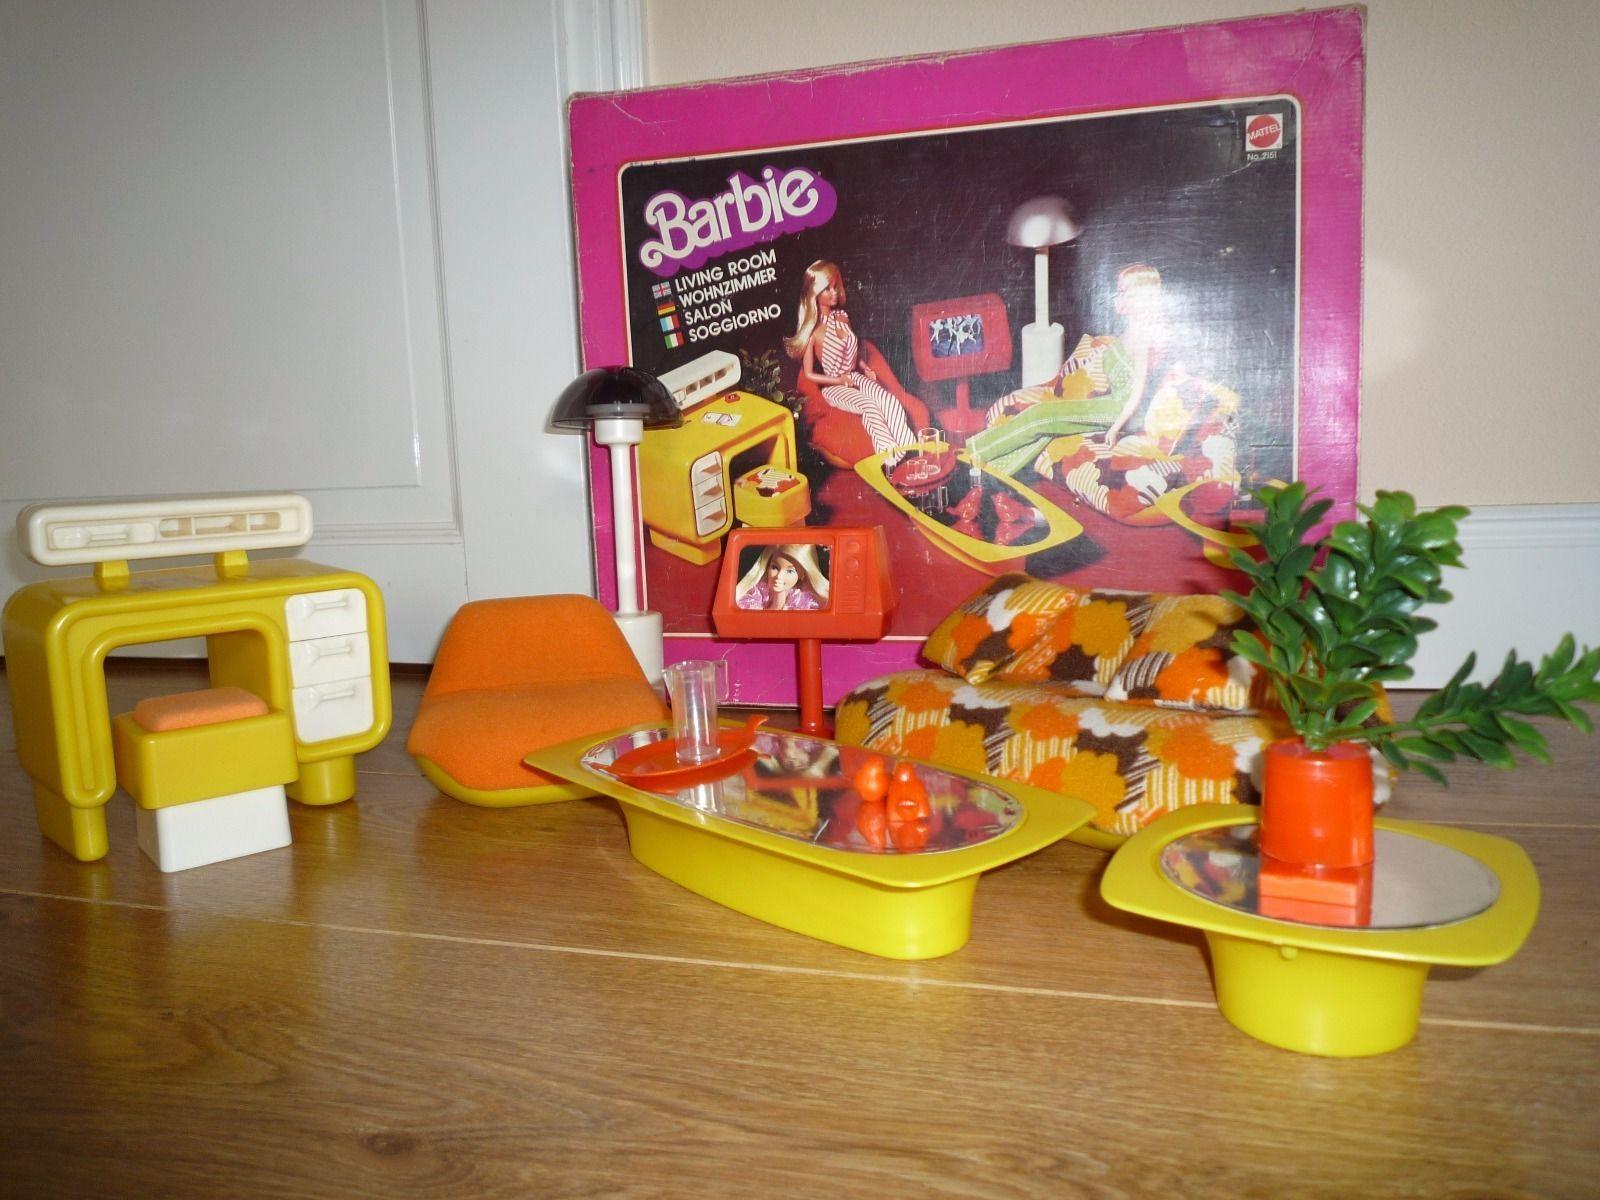 Mattel barbie wohnzimmer 70er jahre vintage mit ovp sammlerst ck in spielzeug puppen zubeh r - Barbie wohnzimmer ...